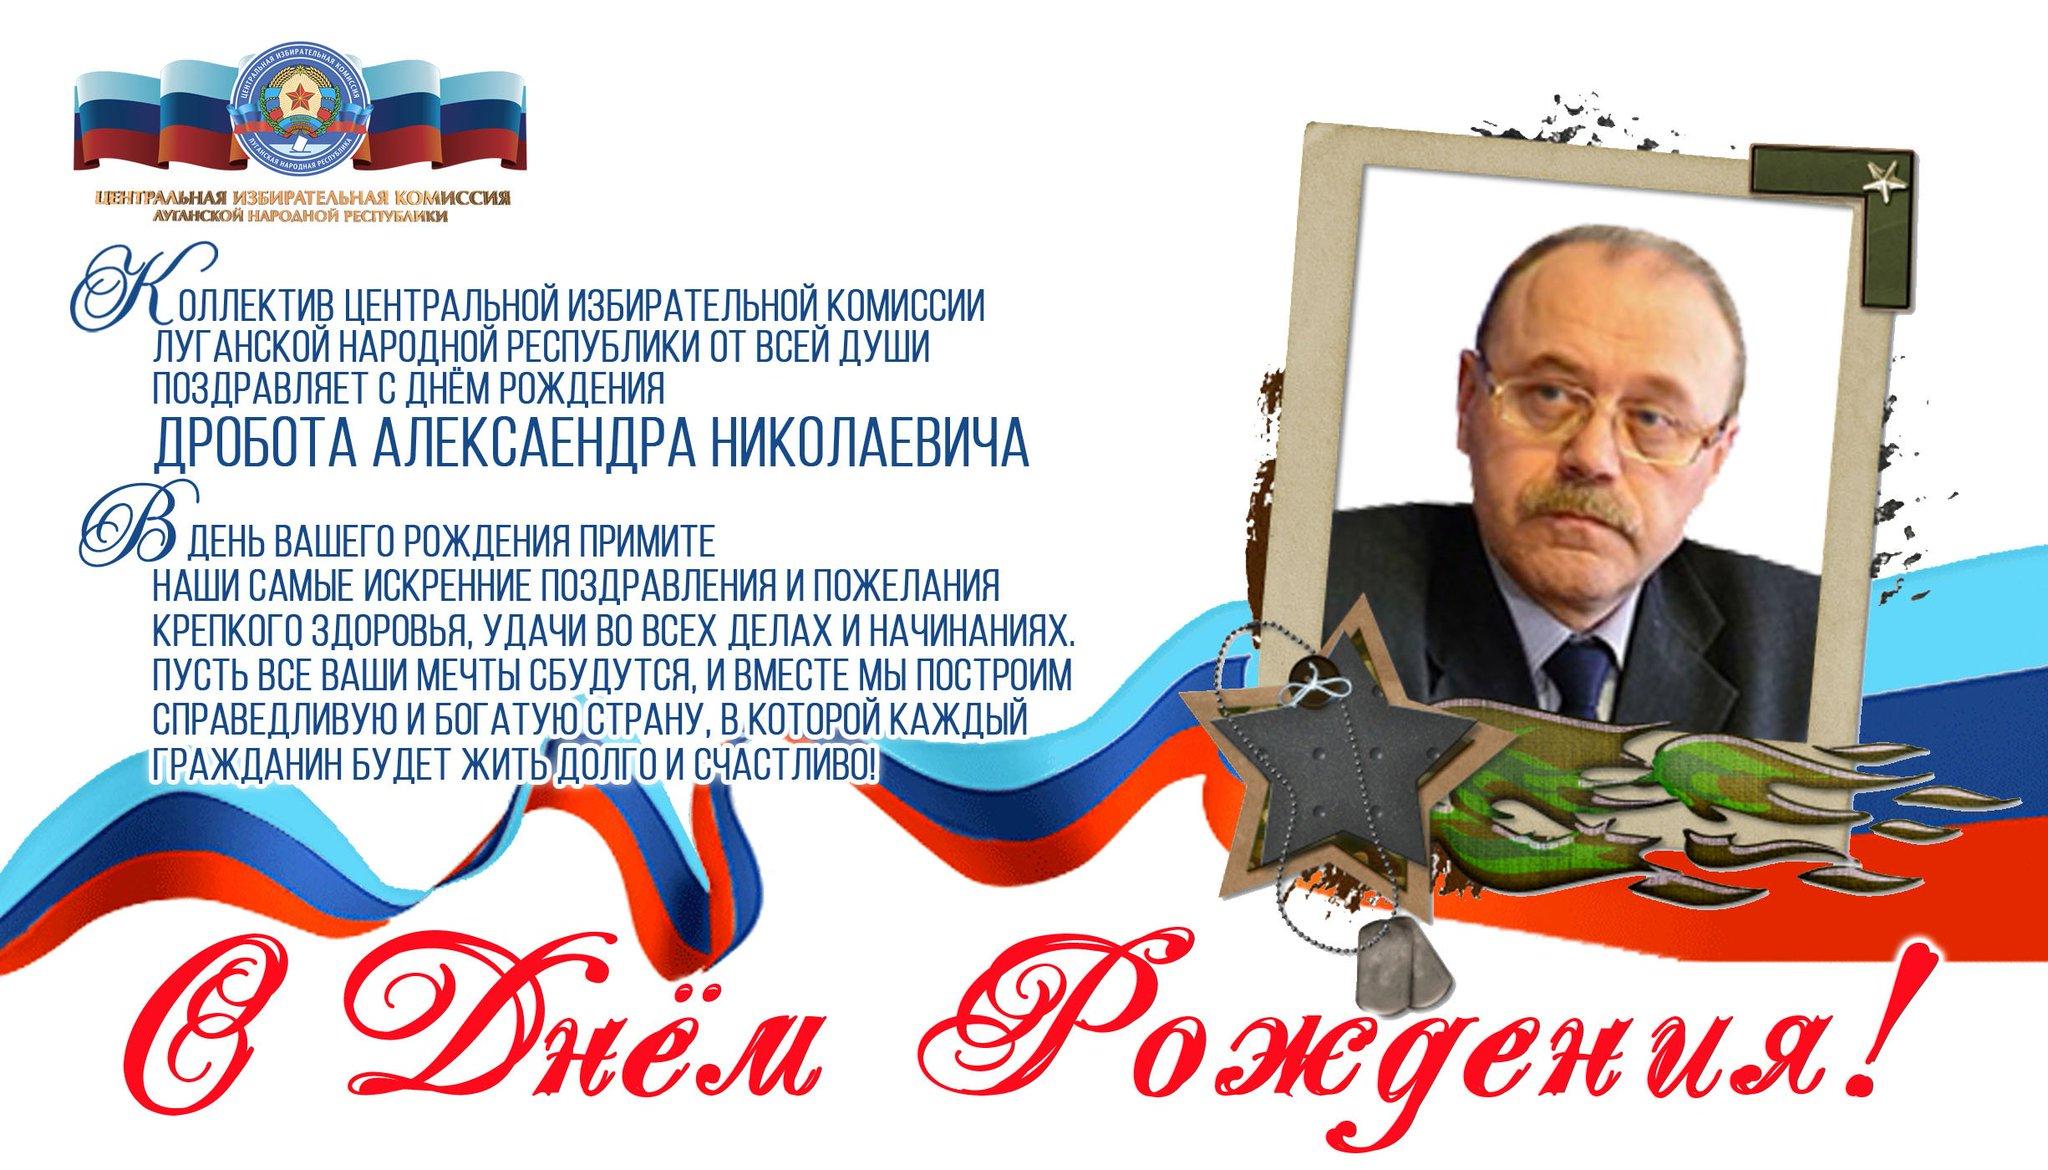 поздравления с днем рождения луганская народная республика самых